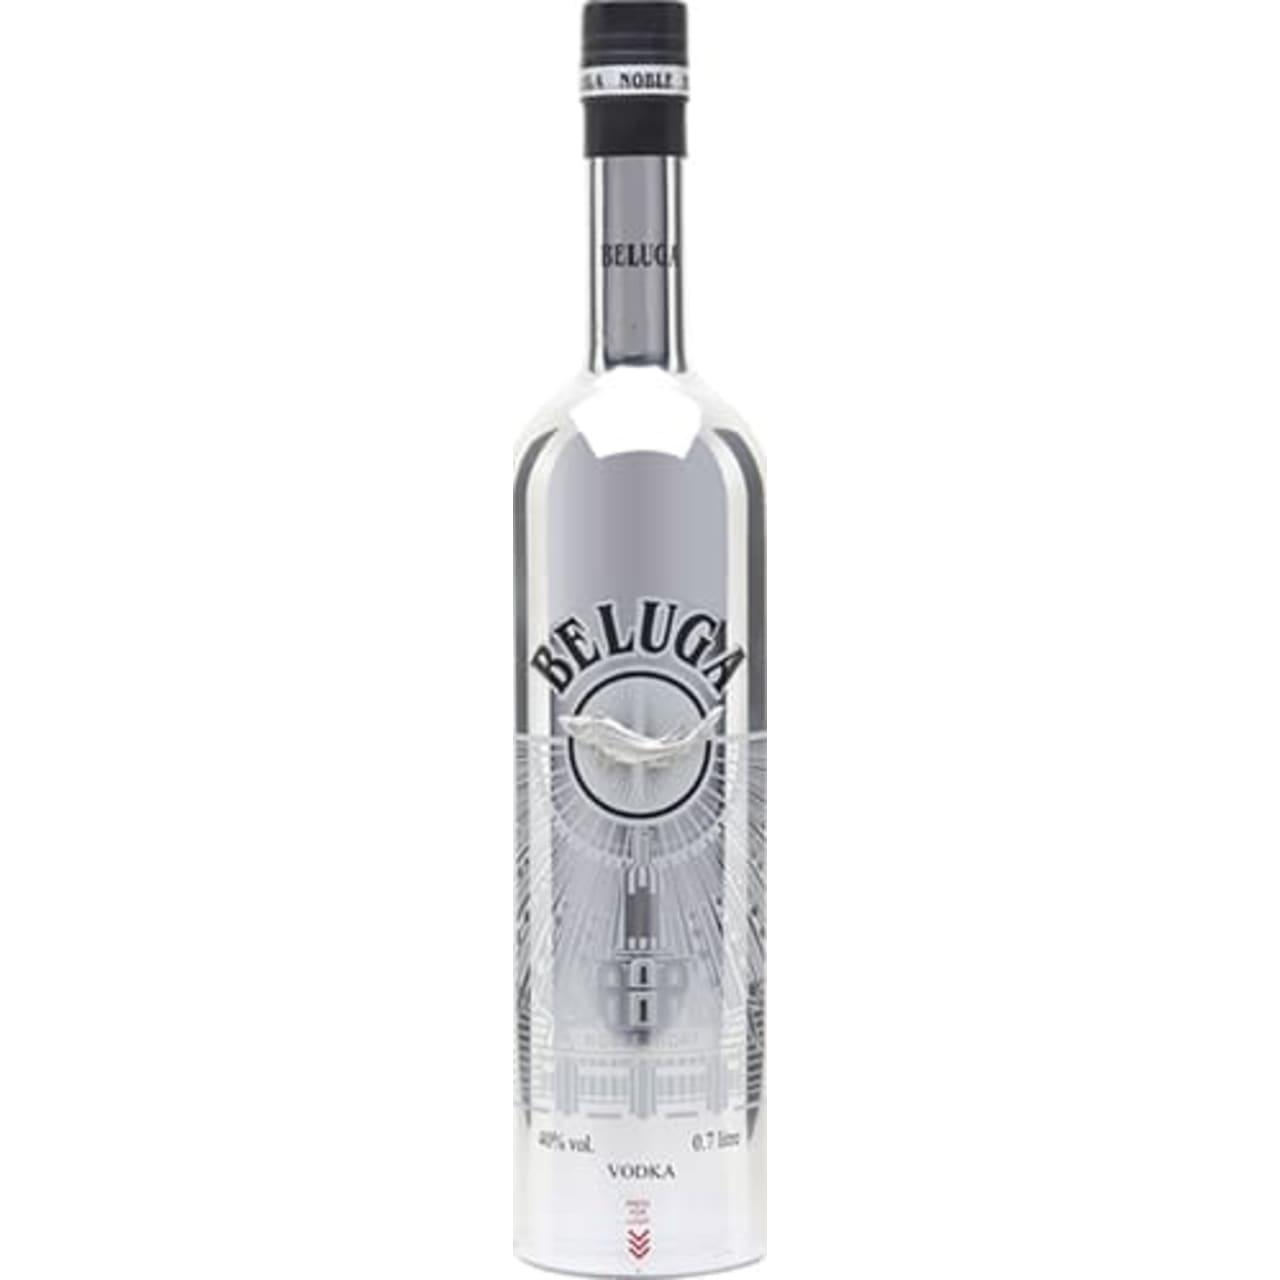 Product Image - Beluga Noble Night Vodka